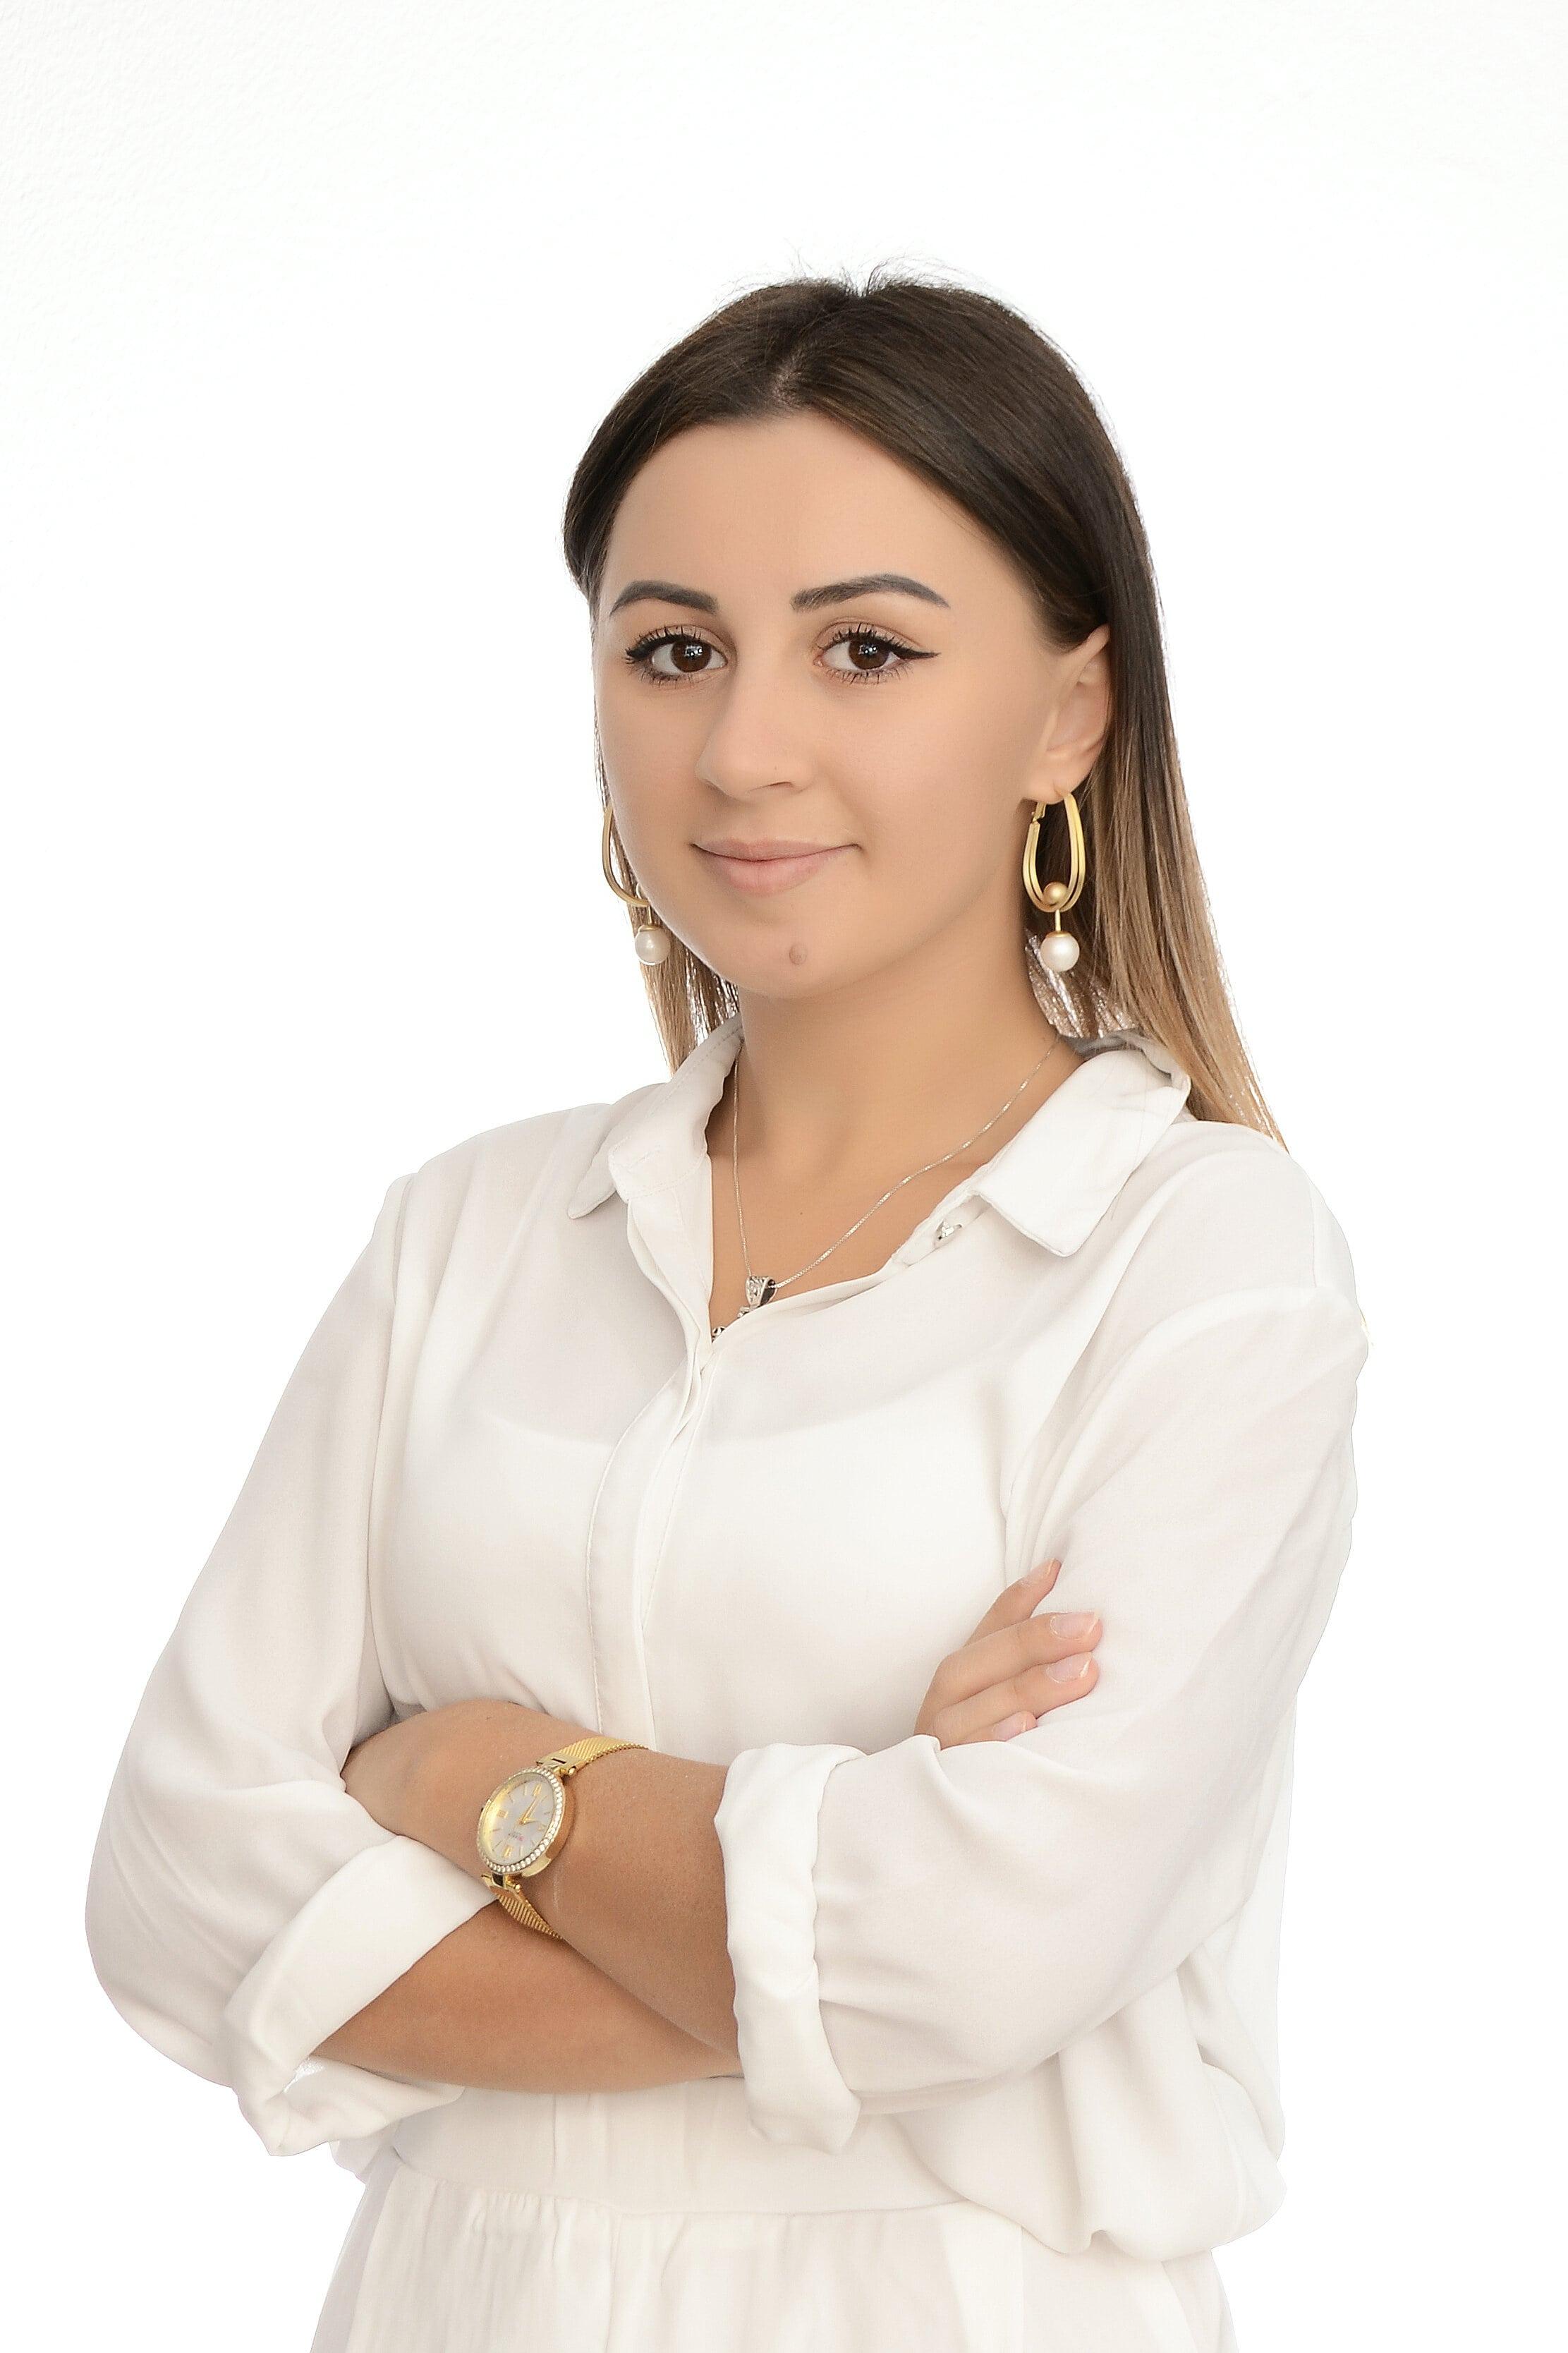 Anxhela Allajbej